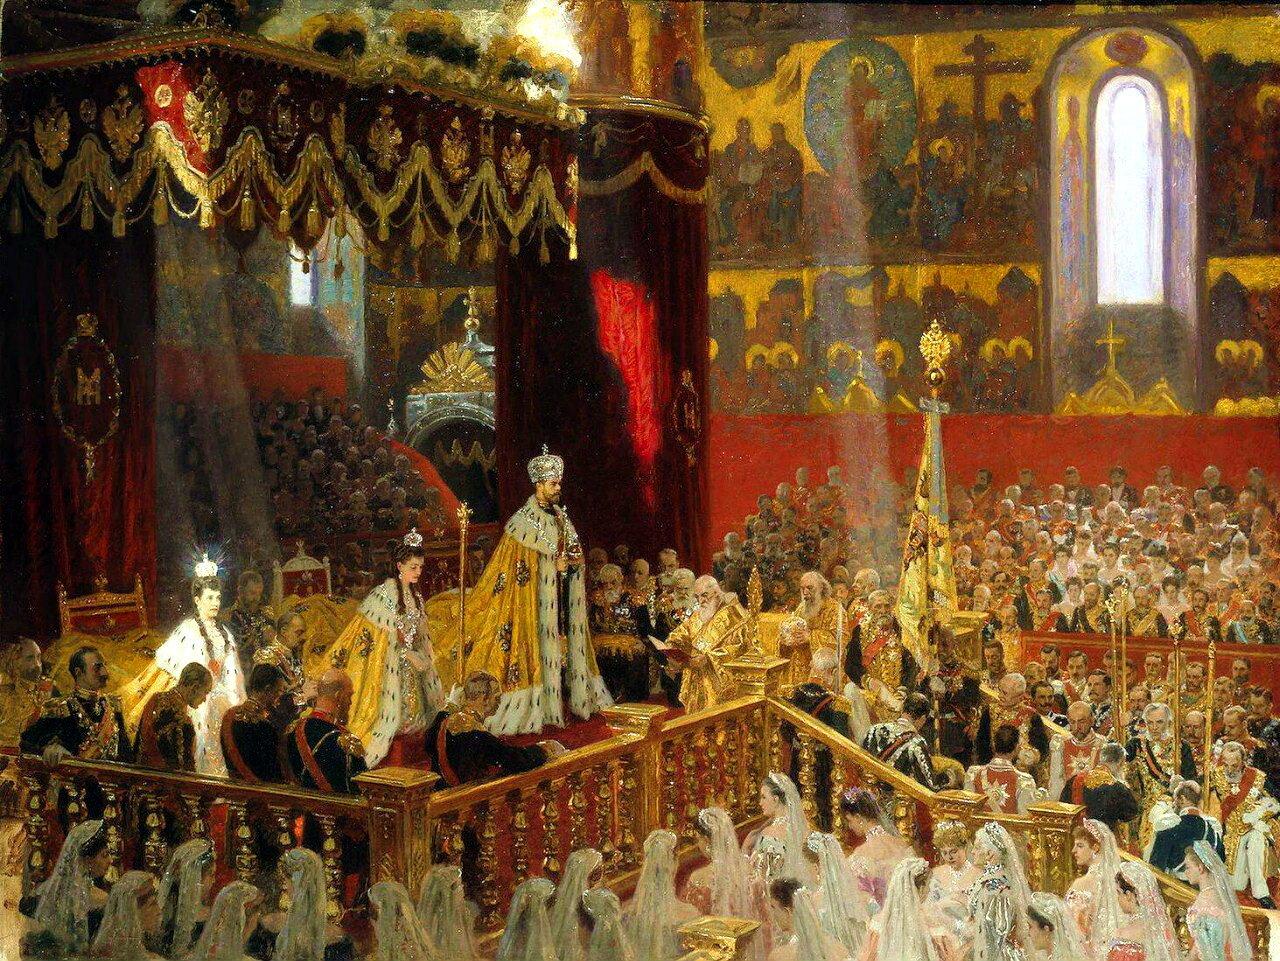 Лауриц Туксен (1853-1923). Коронации императора Николая II и императрицы Александры Федоровны